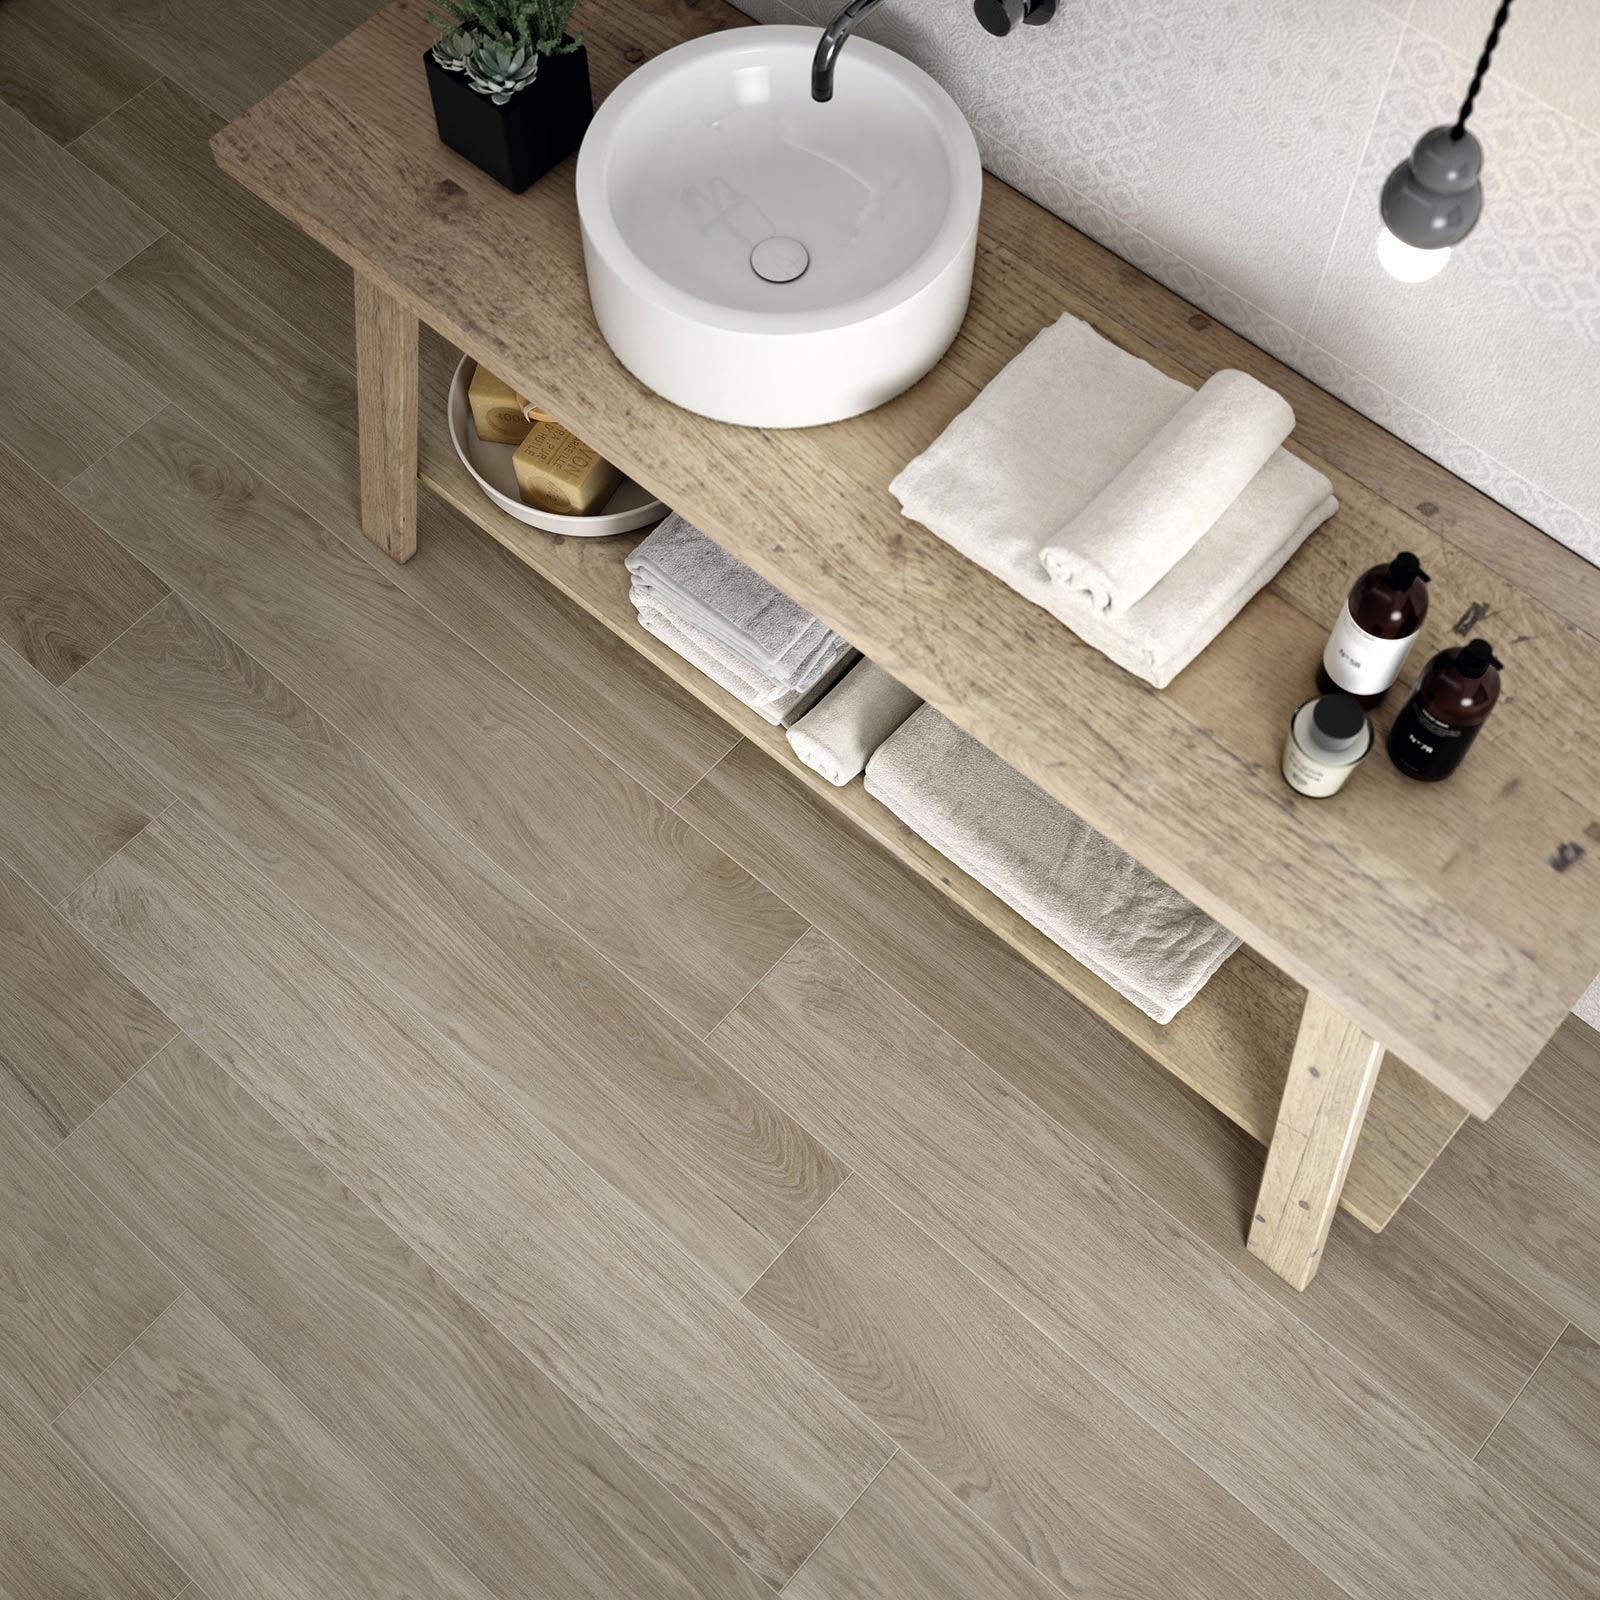 Carrelage imitation bois et parquet marazzi for Carrelage gris imitation parquet salle de bain